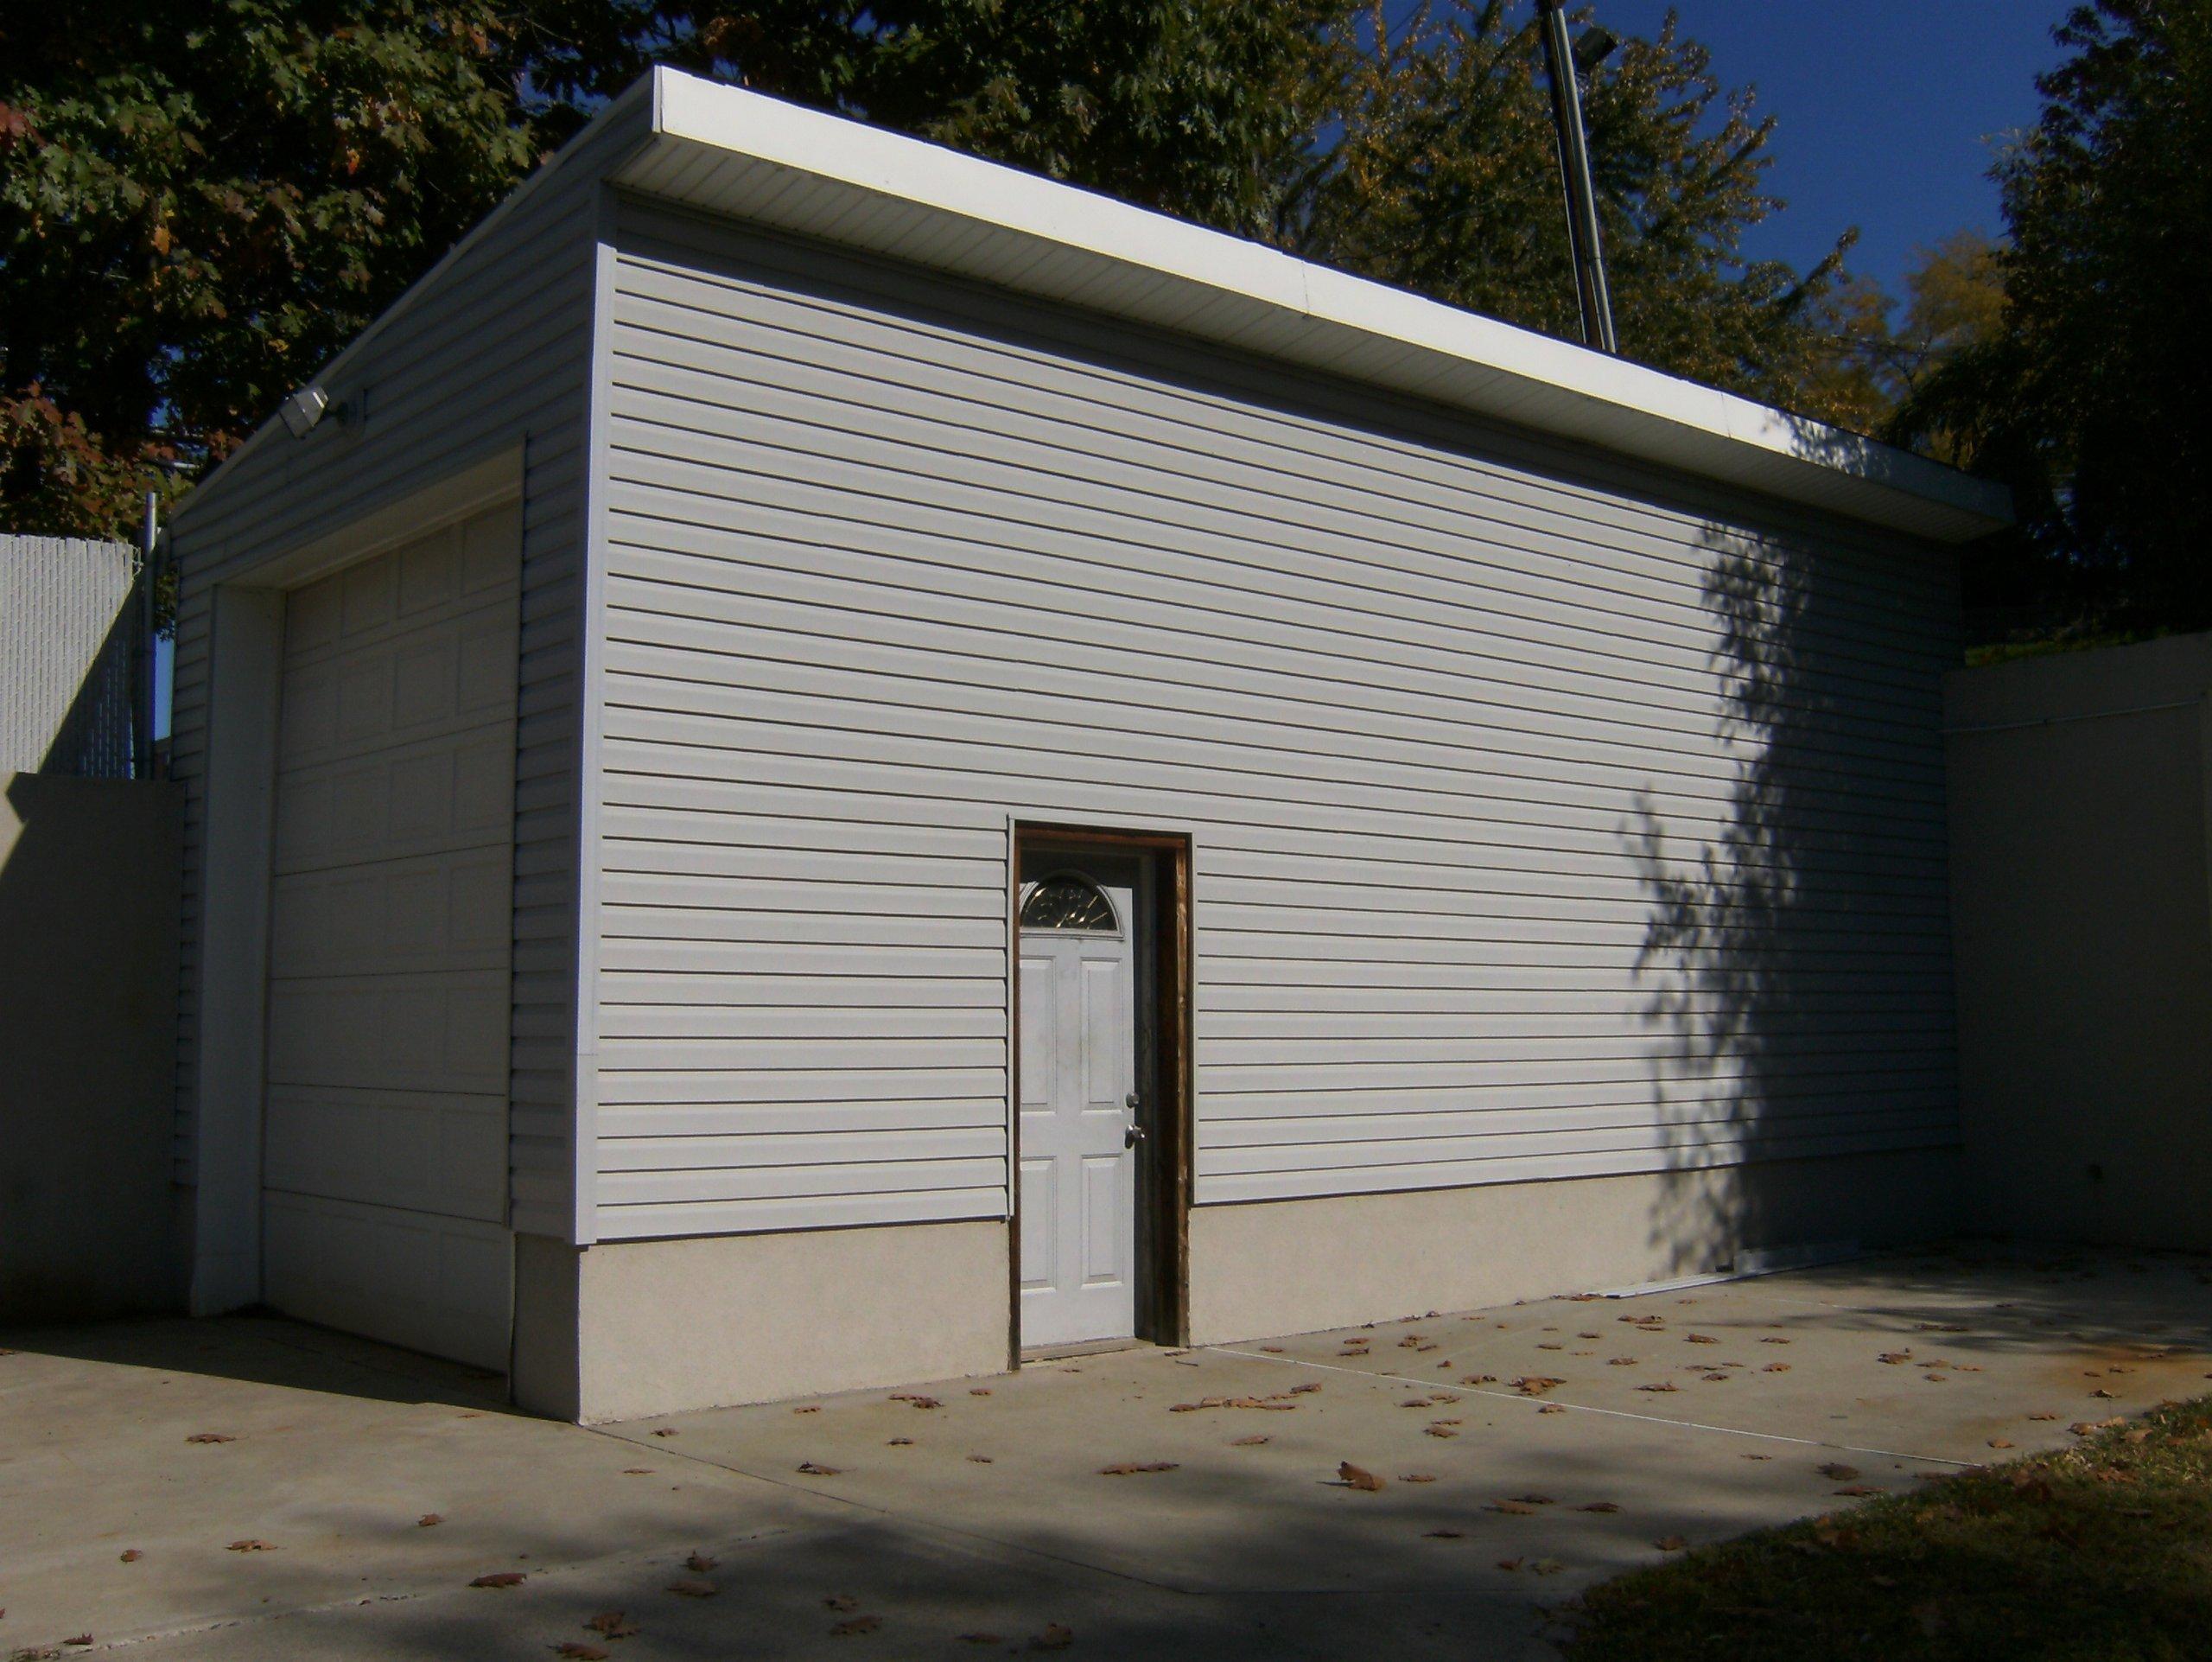 28x11 Garage self storage unit